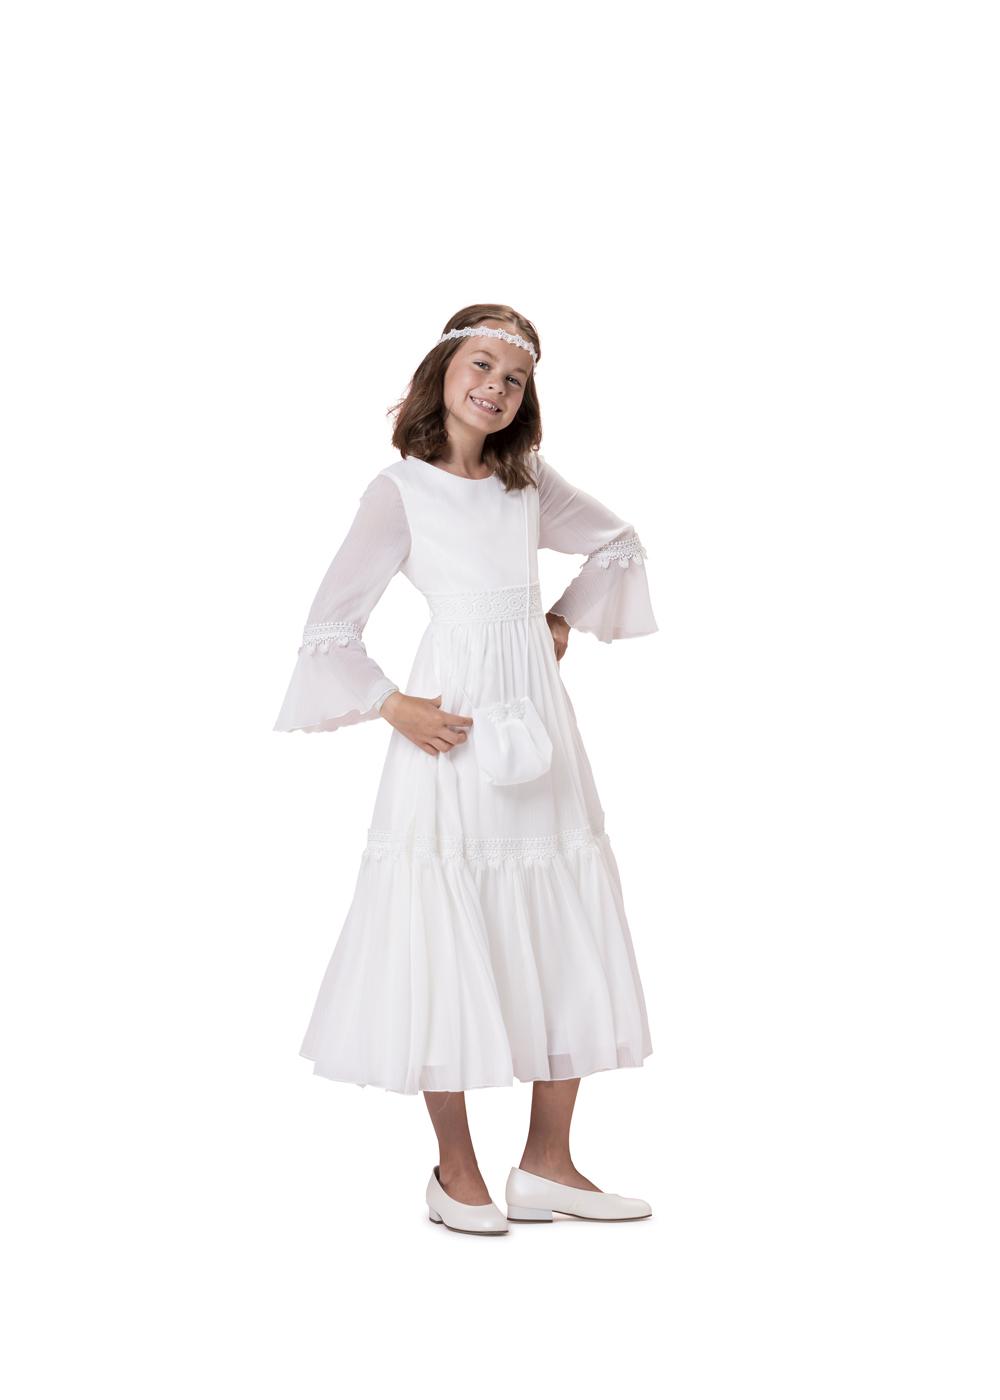 Biancorella Langarm Kommunionkleid Vintage - Modell 520060. Top modern dieses Kleid im Vintage Look! Mit langen Ärmeln vielen süßen Details.